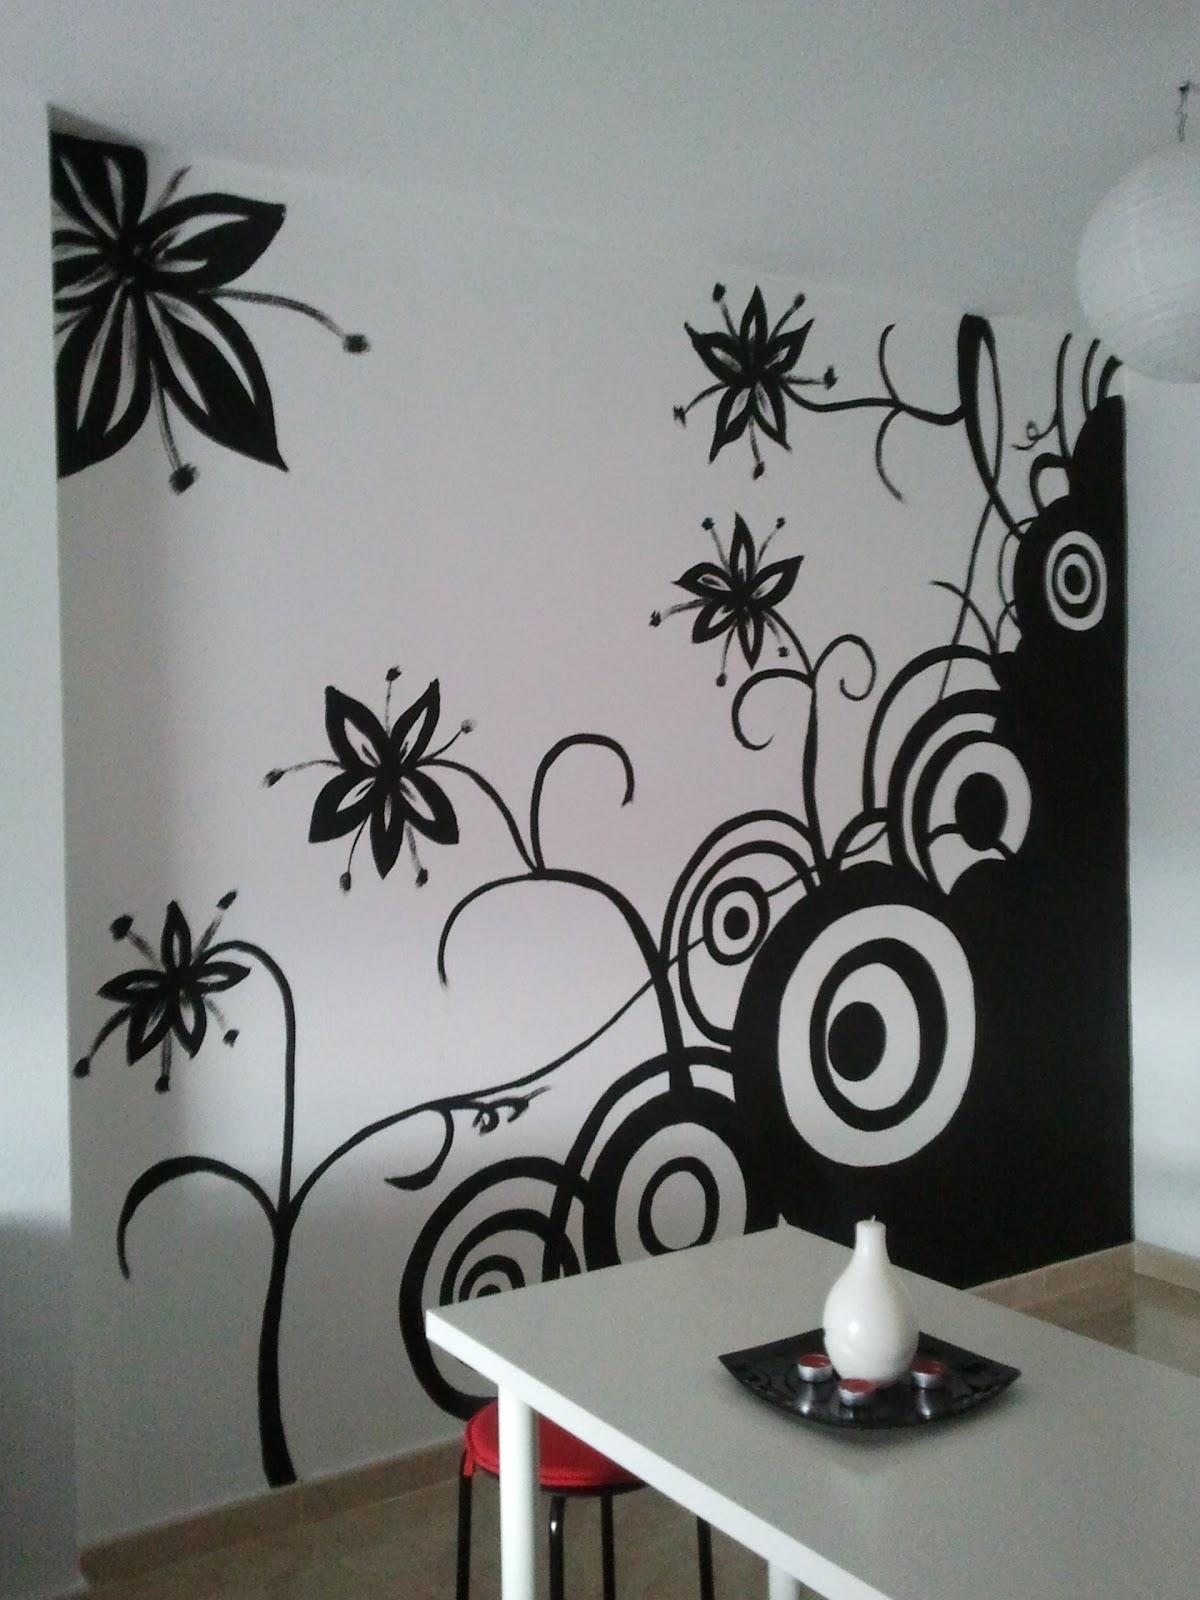 Pinturas decorativas en paredes noviembre 2012 - Pinturas decorativas paredes ...